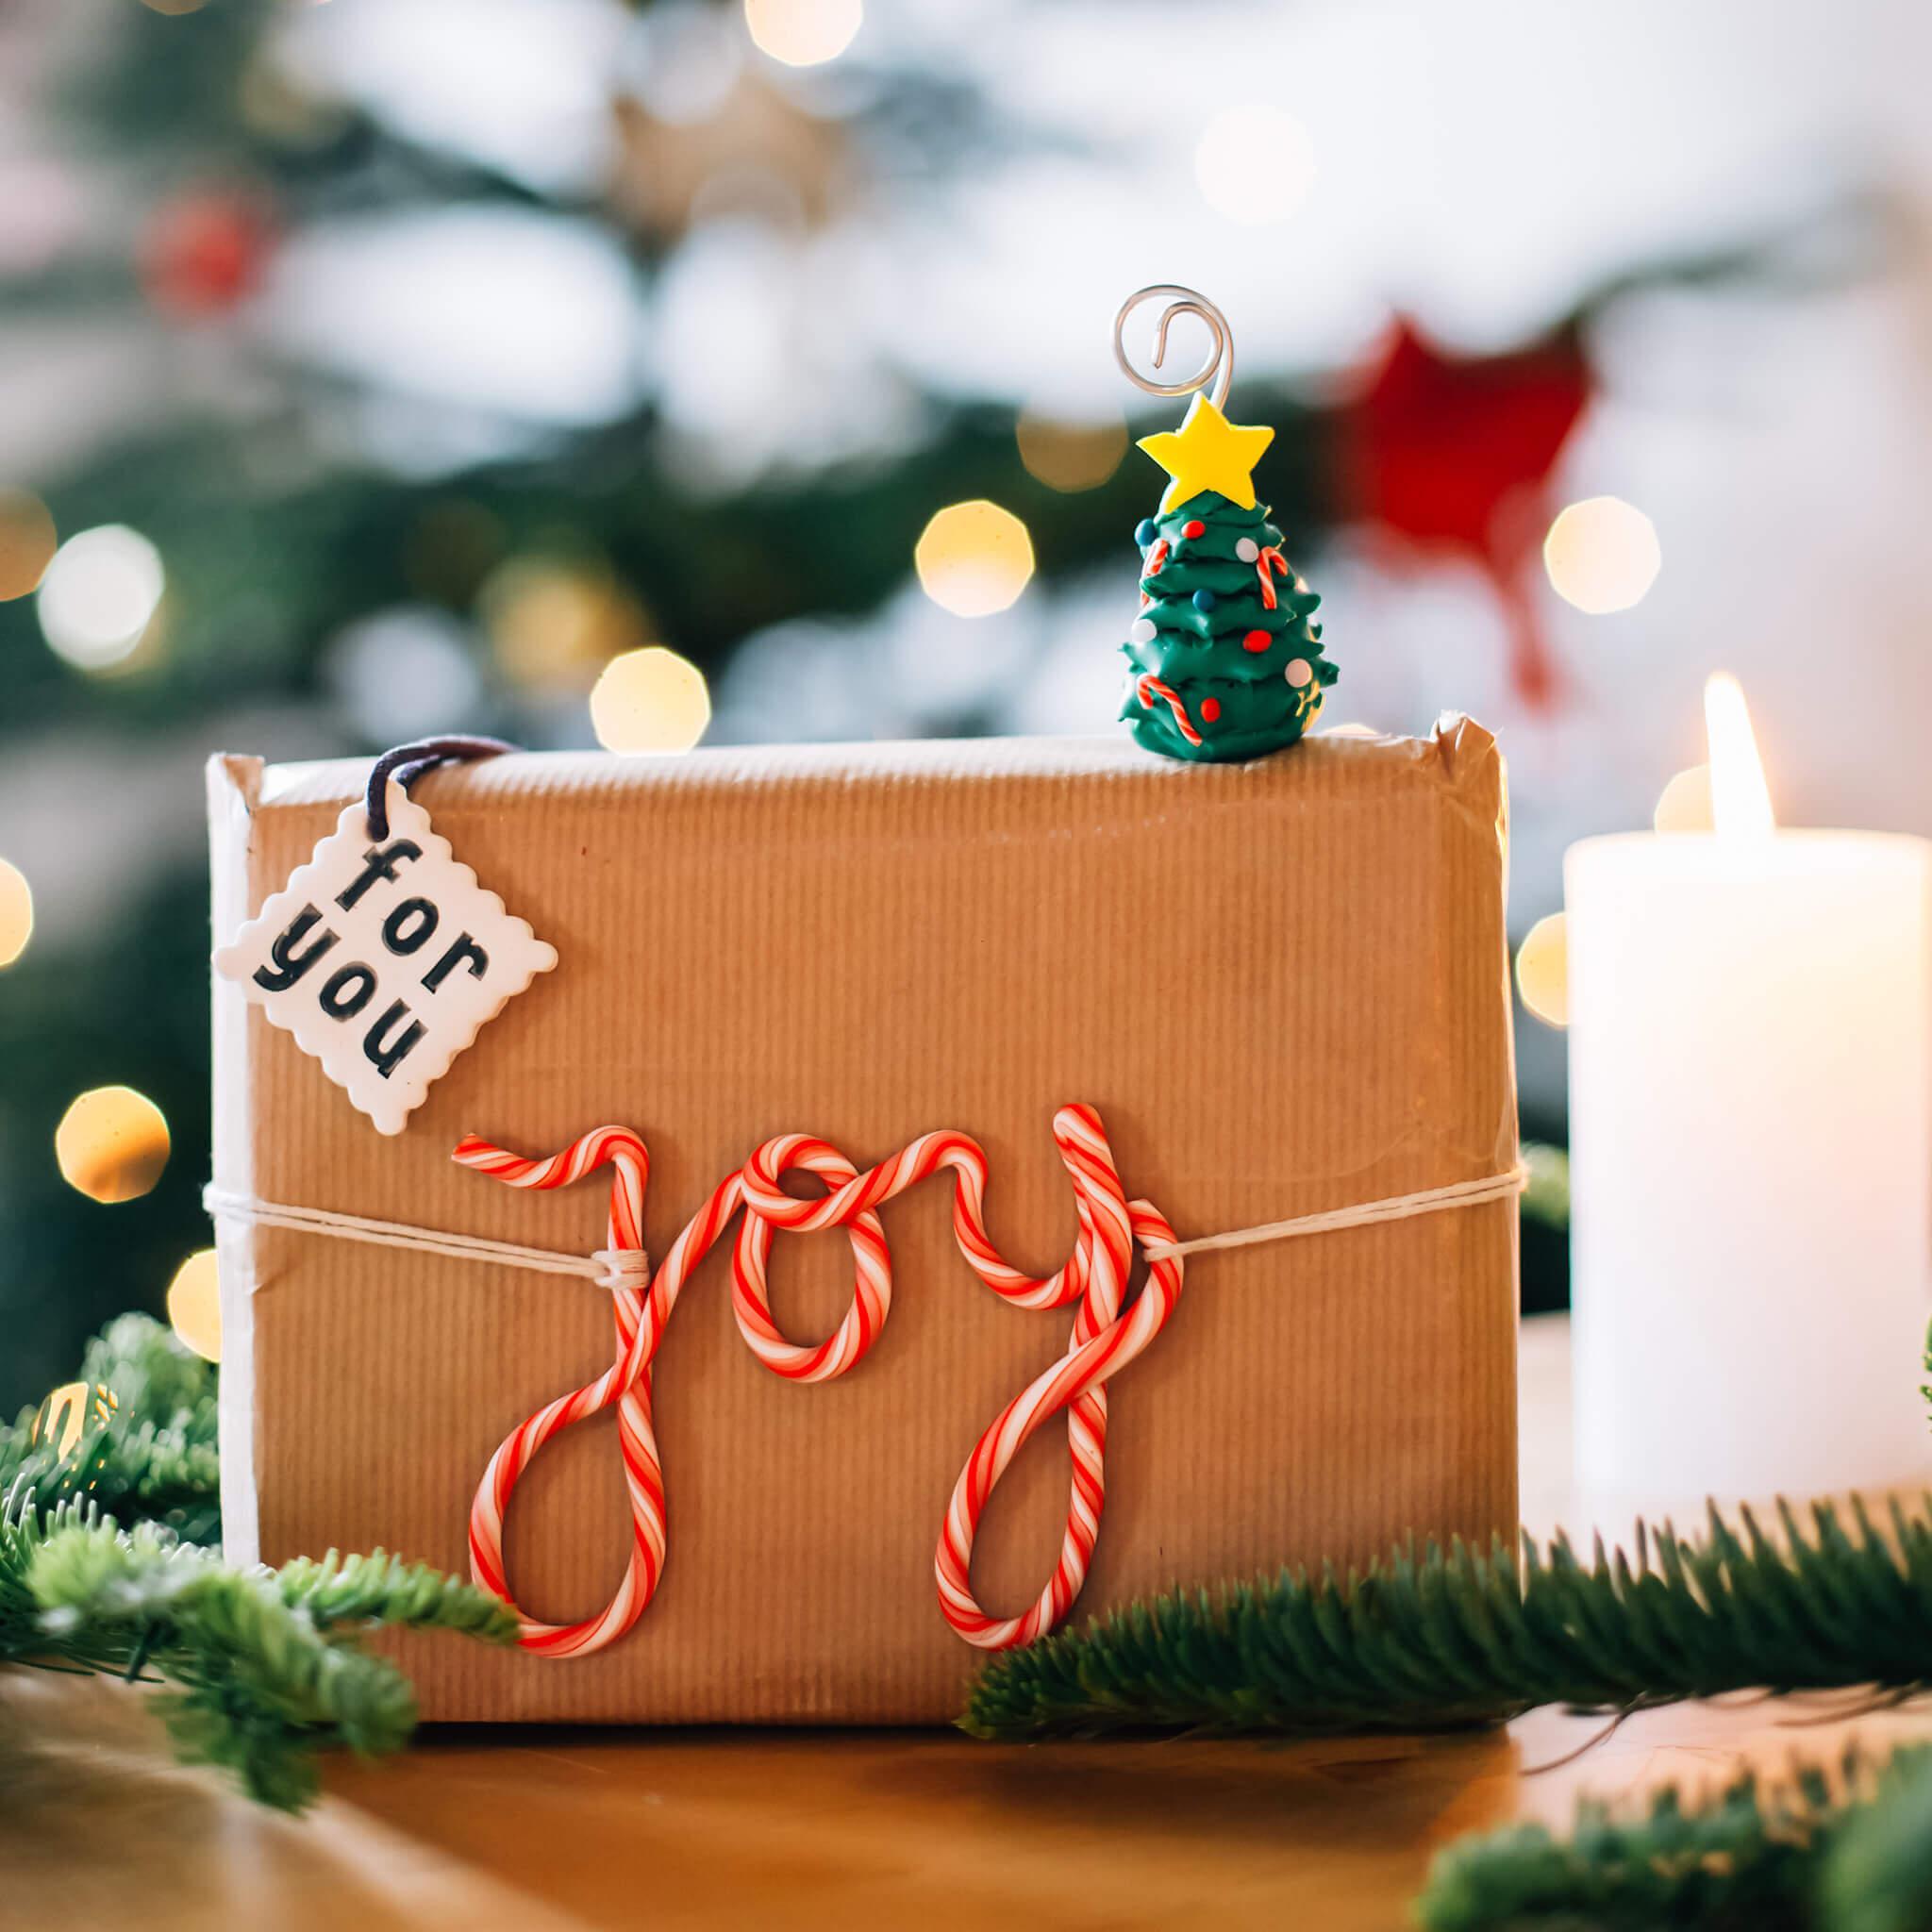 Kerstdecoratie maken met FIMO klei   Maak leuke kerstdecoratie met FIMO klei en pak bijvoorbeeld je kerstcadeautjes leuk in met labels van klei of maak kerstboompjes!